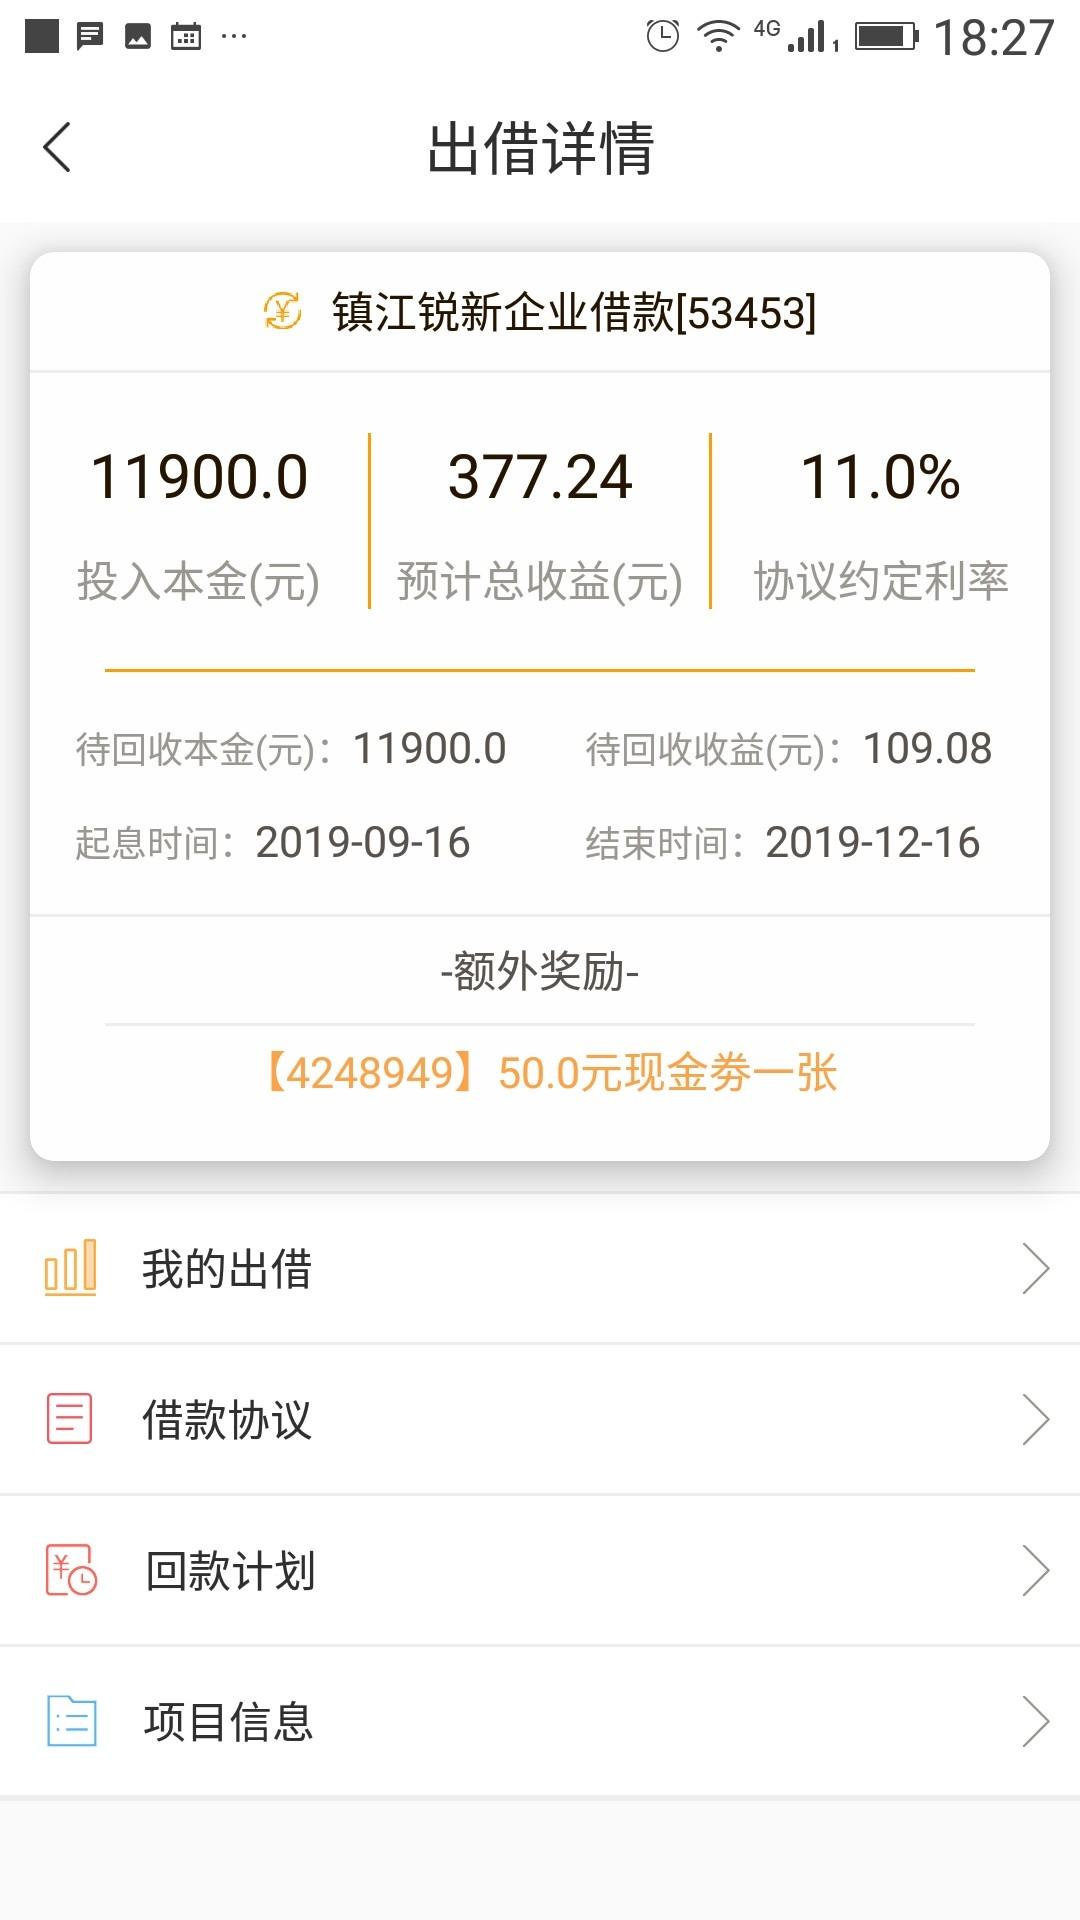 众金所(北京)投资管理有限公司逾期回款4个月并且拒绝提供借款协议原件